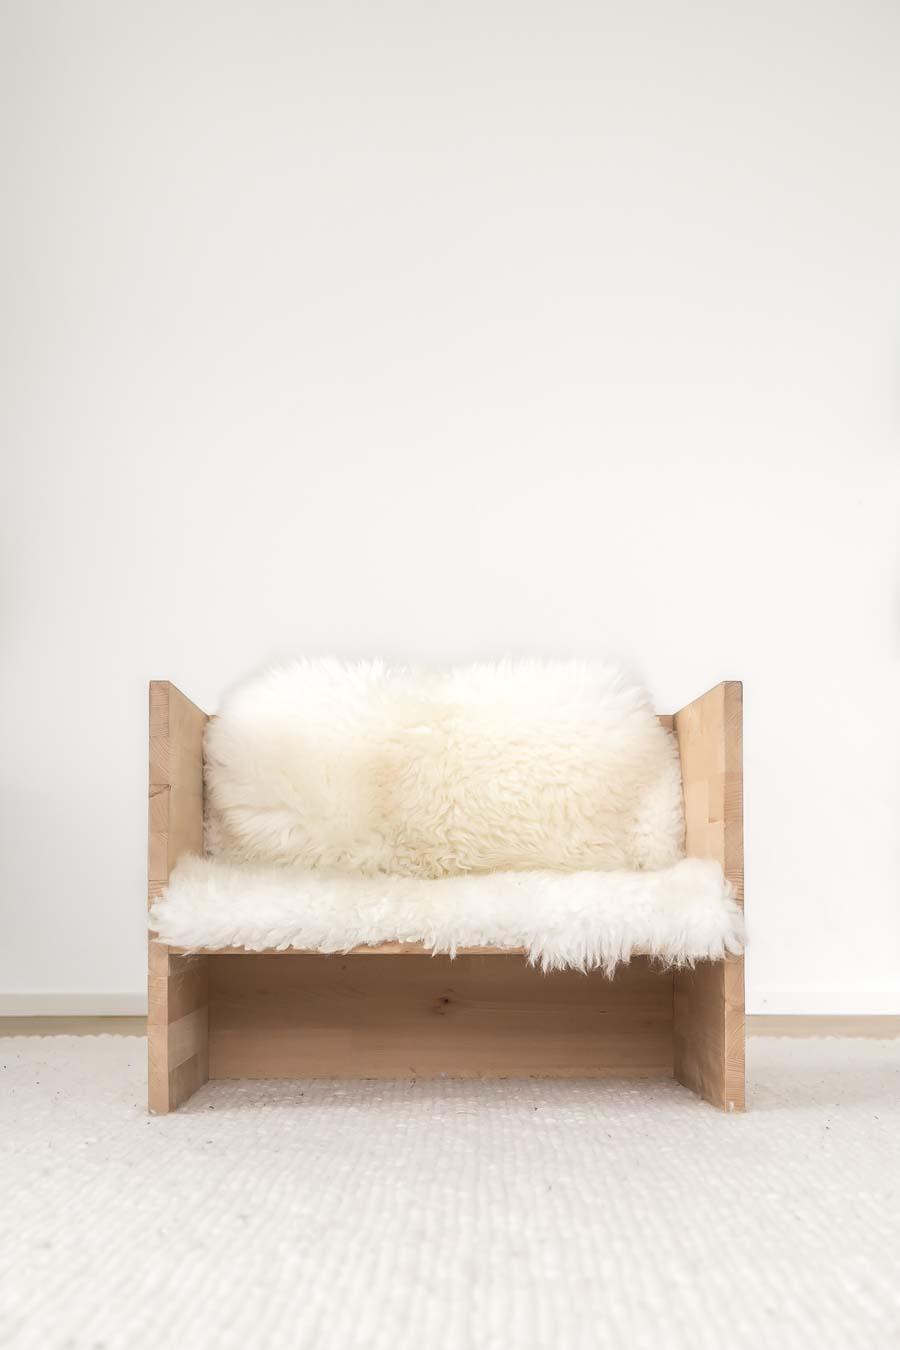 """Kleine Möbel wie dieser Berlinerhocker, kann man ganz einfach selber machen. // Aus dem Artikel """"7 Tipps, wie man ein Montessori Kinderzimmer einrichten kann, auch mit einem knappen Budget"""" Alles Ideen, die ihr sofort umsetzen könnt: www.chezmamapoule.com #montessori #vorbereiteteumgebung #montessorizuhause"""